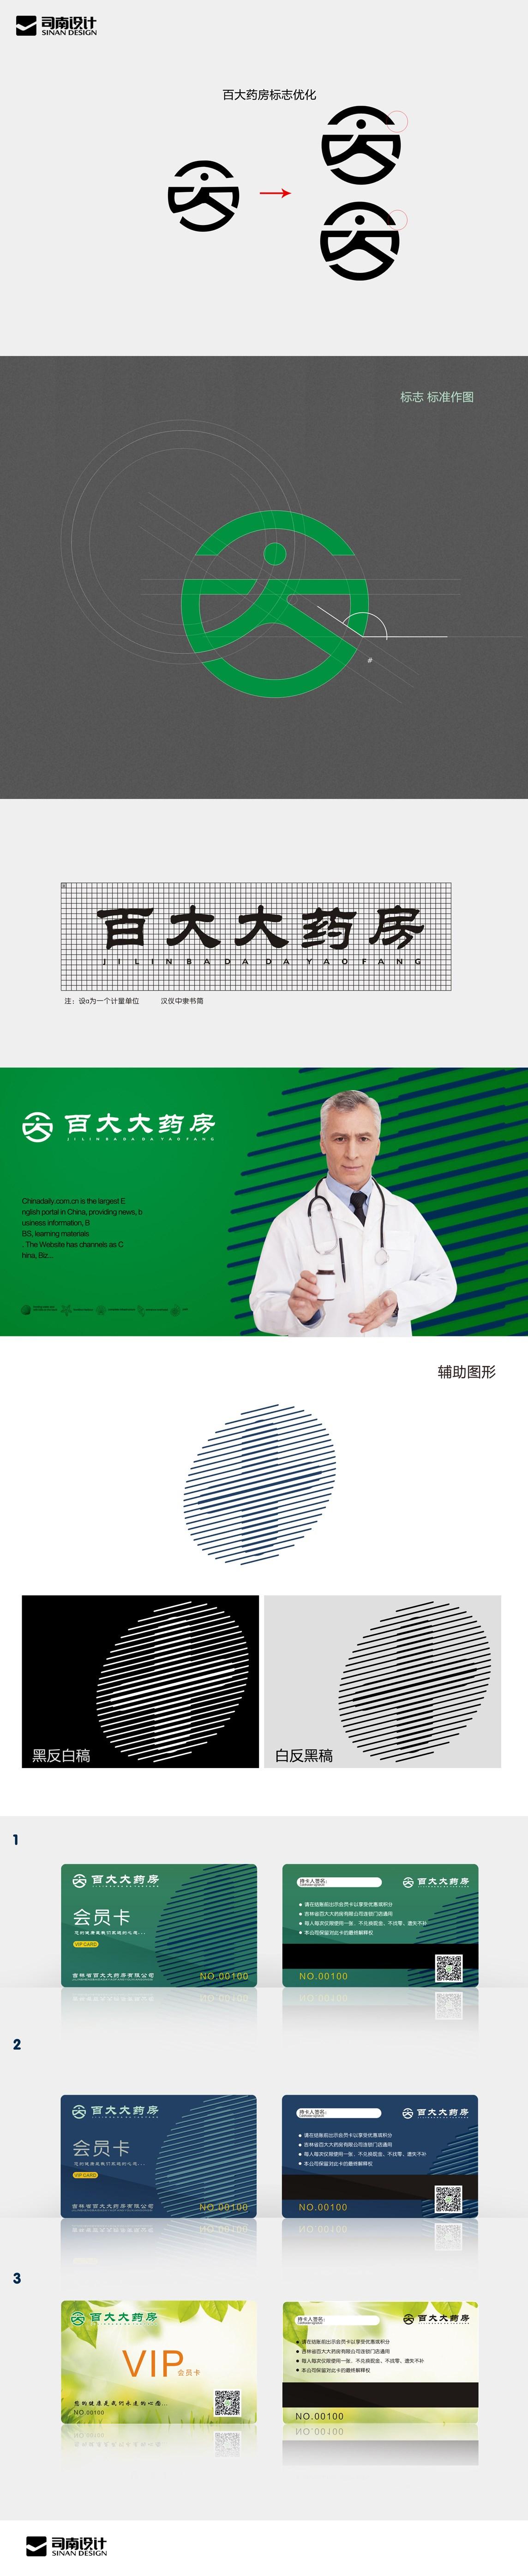 齐发娱乐_连锁药店标志改良设计